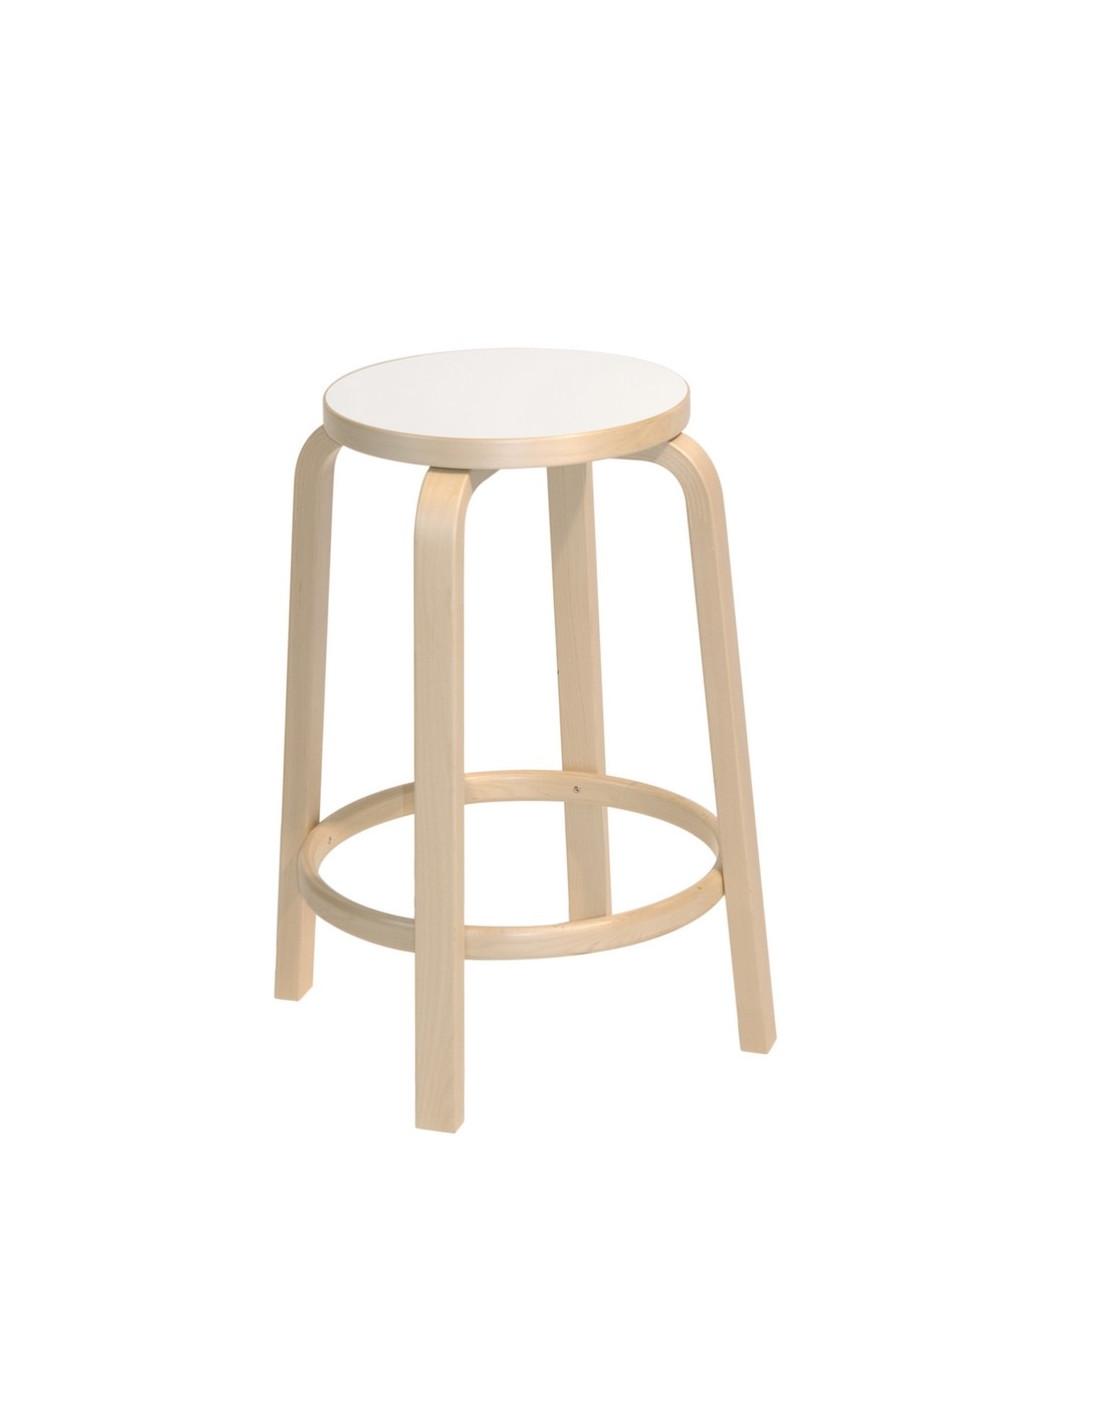 Tabouret De Bar 64 Design Alvar Aalto Pour Artek La